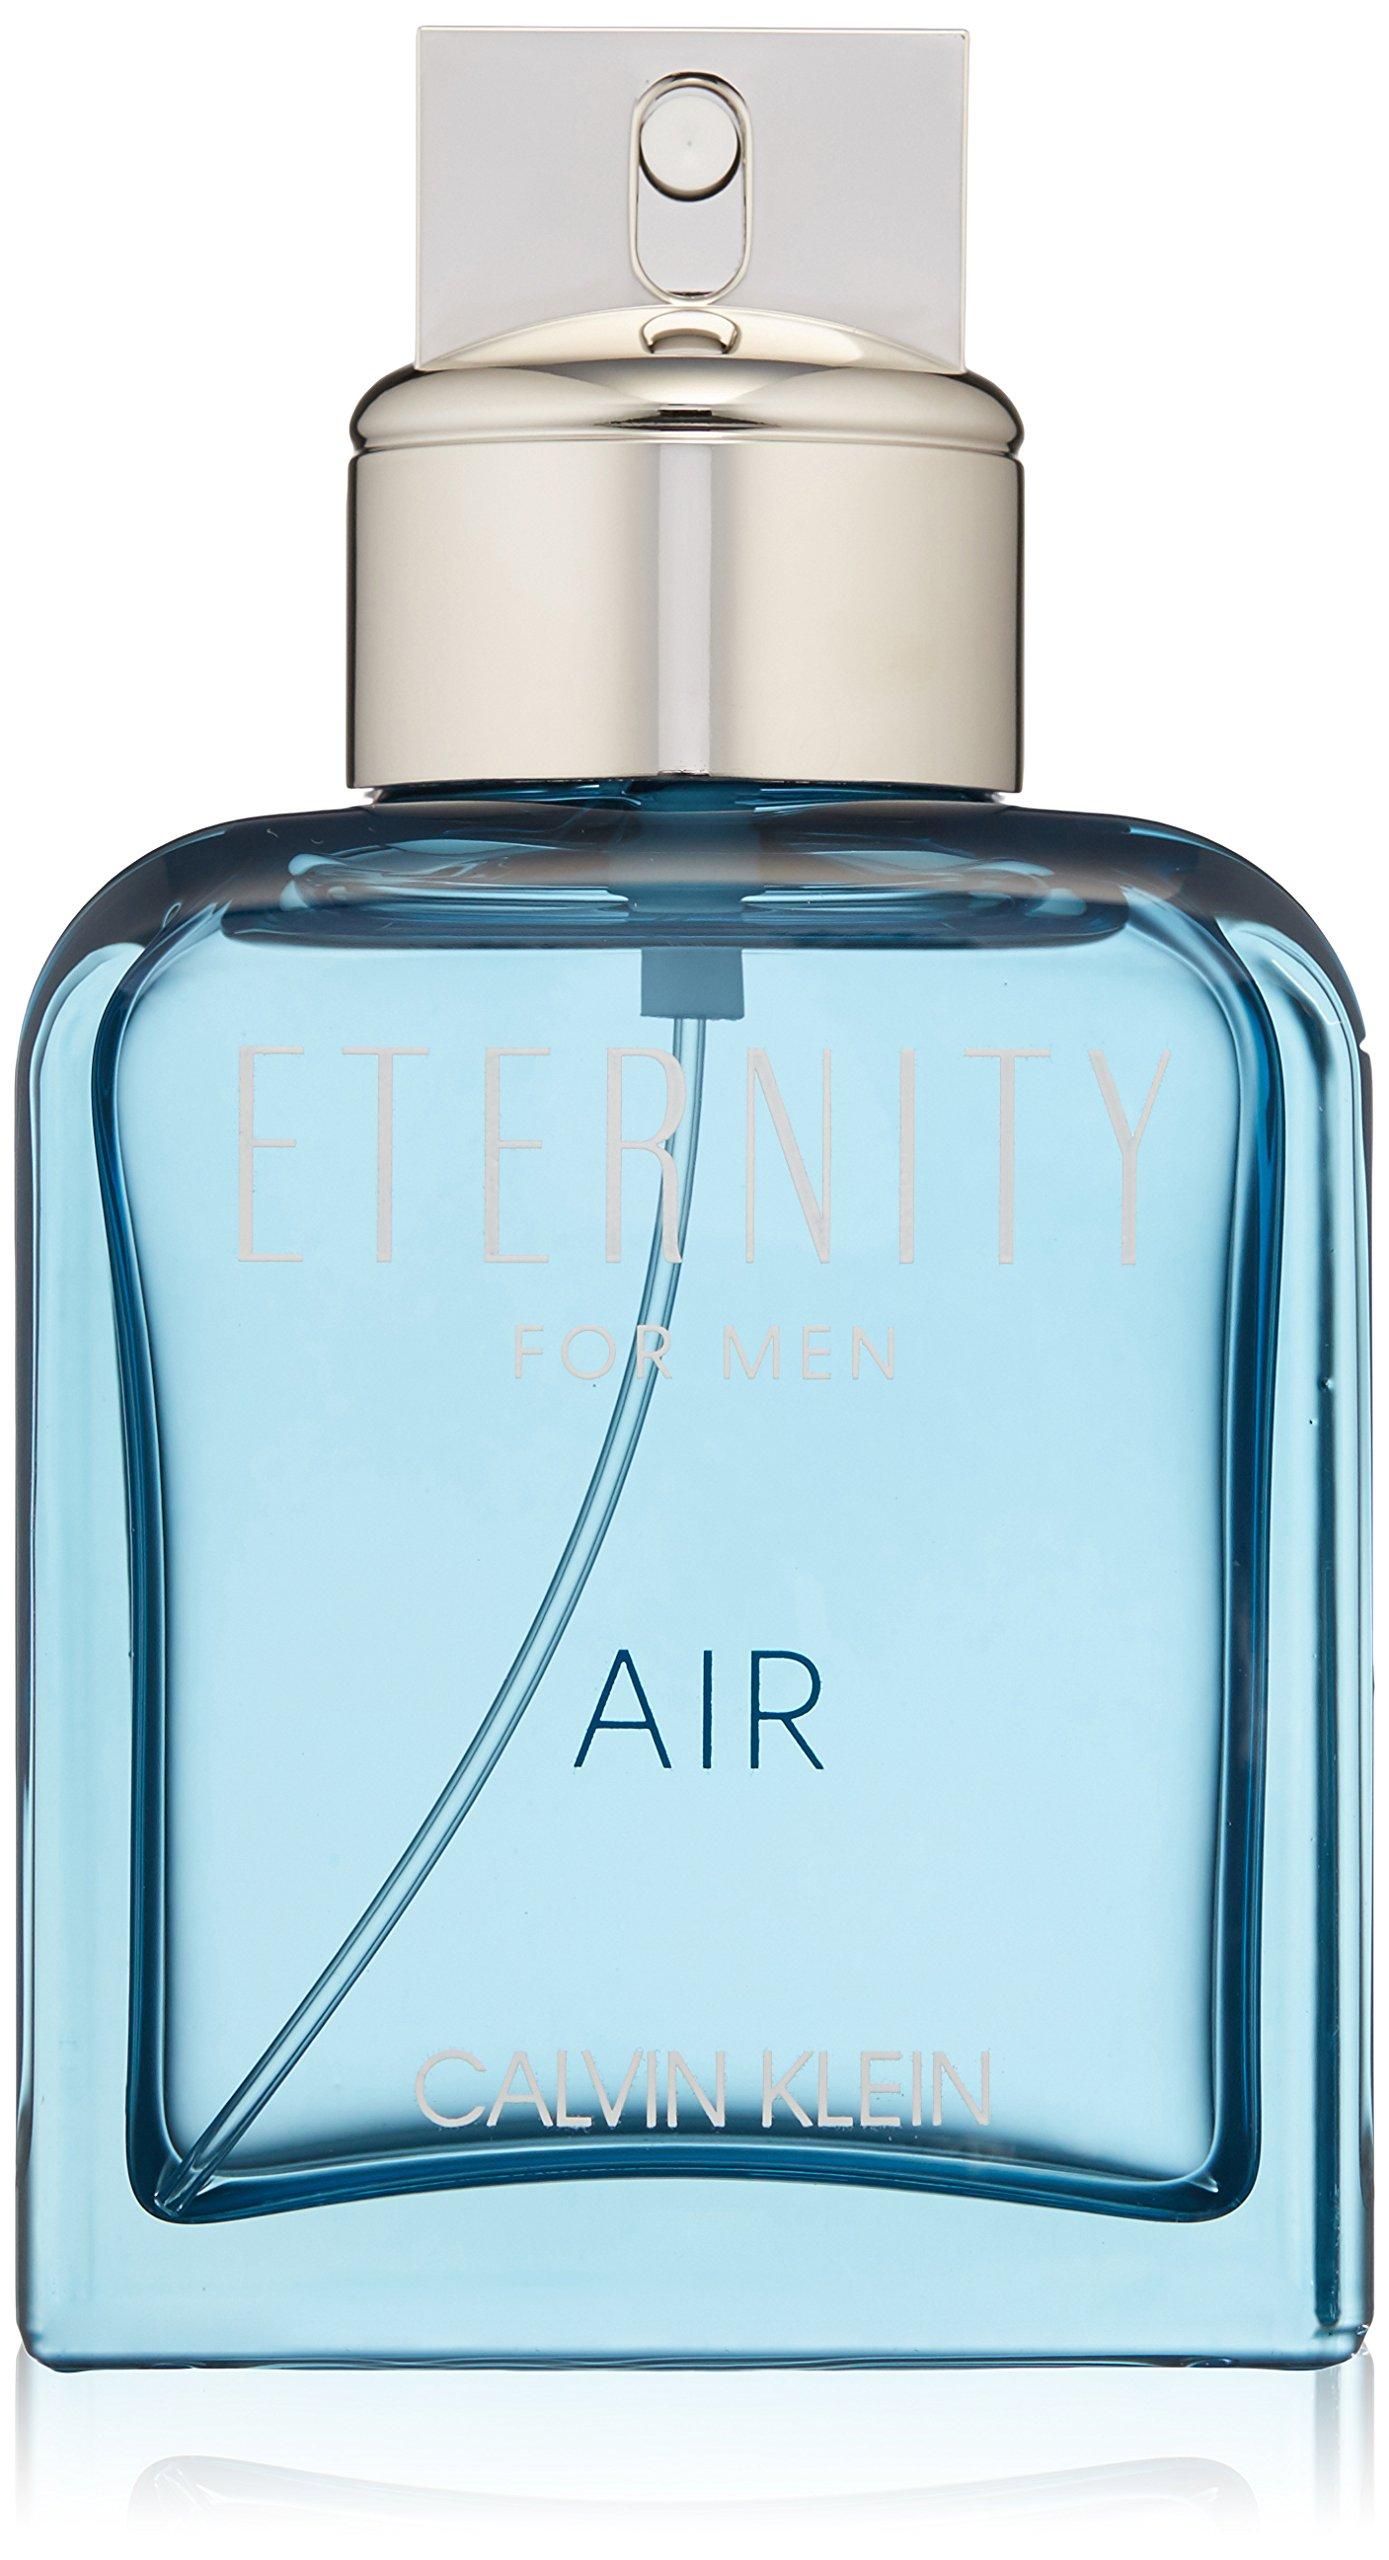 Perfume Cheap Klein Calvin ShopFind Shop Lqc4jR35AS